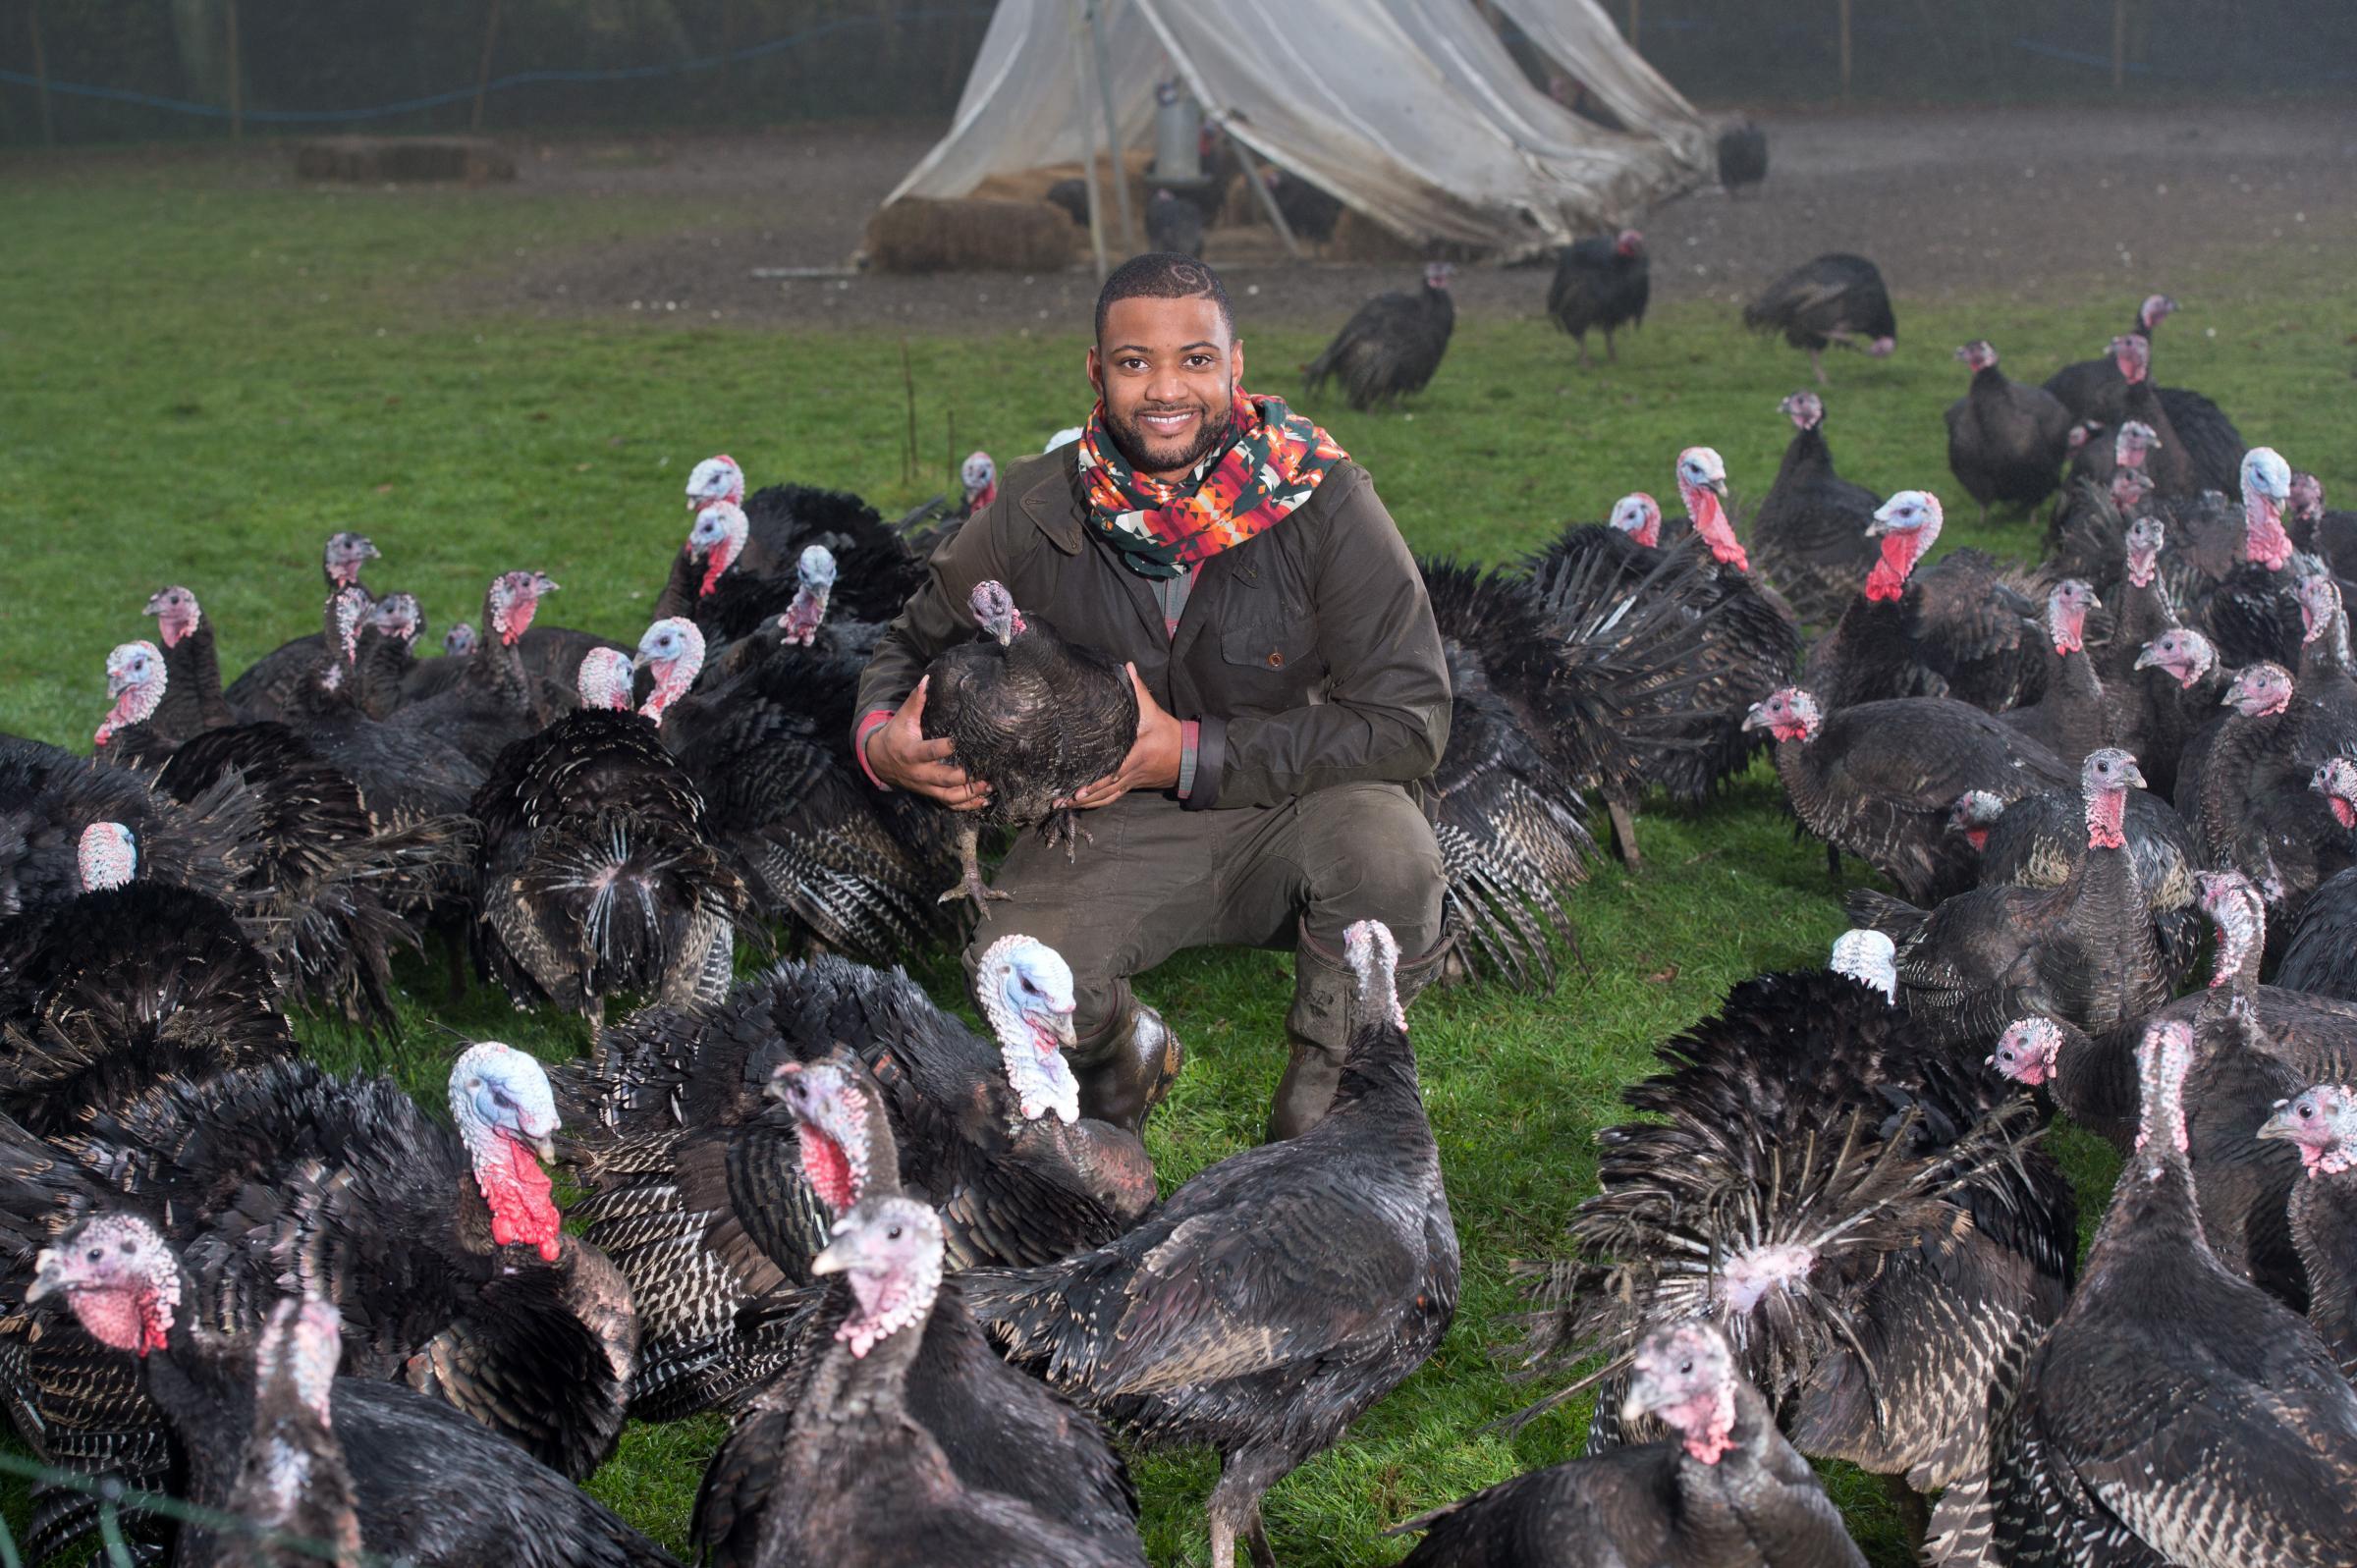 Turkey farmer JB